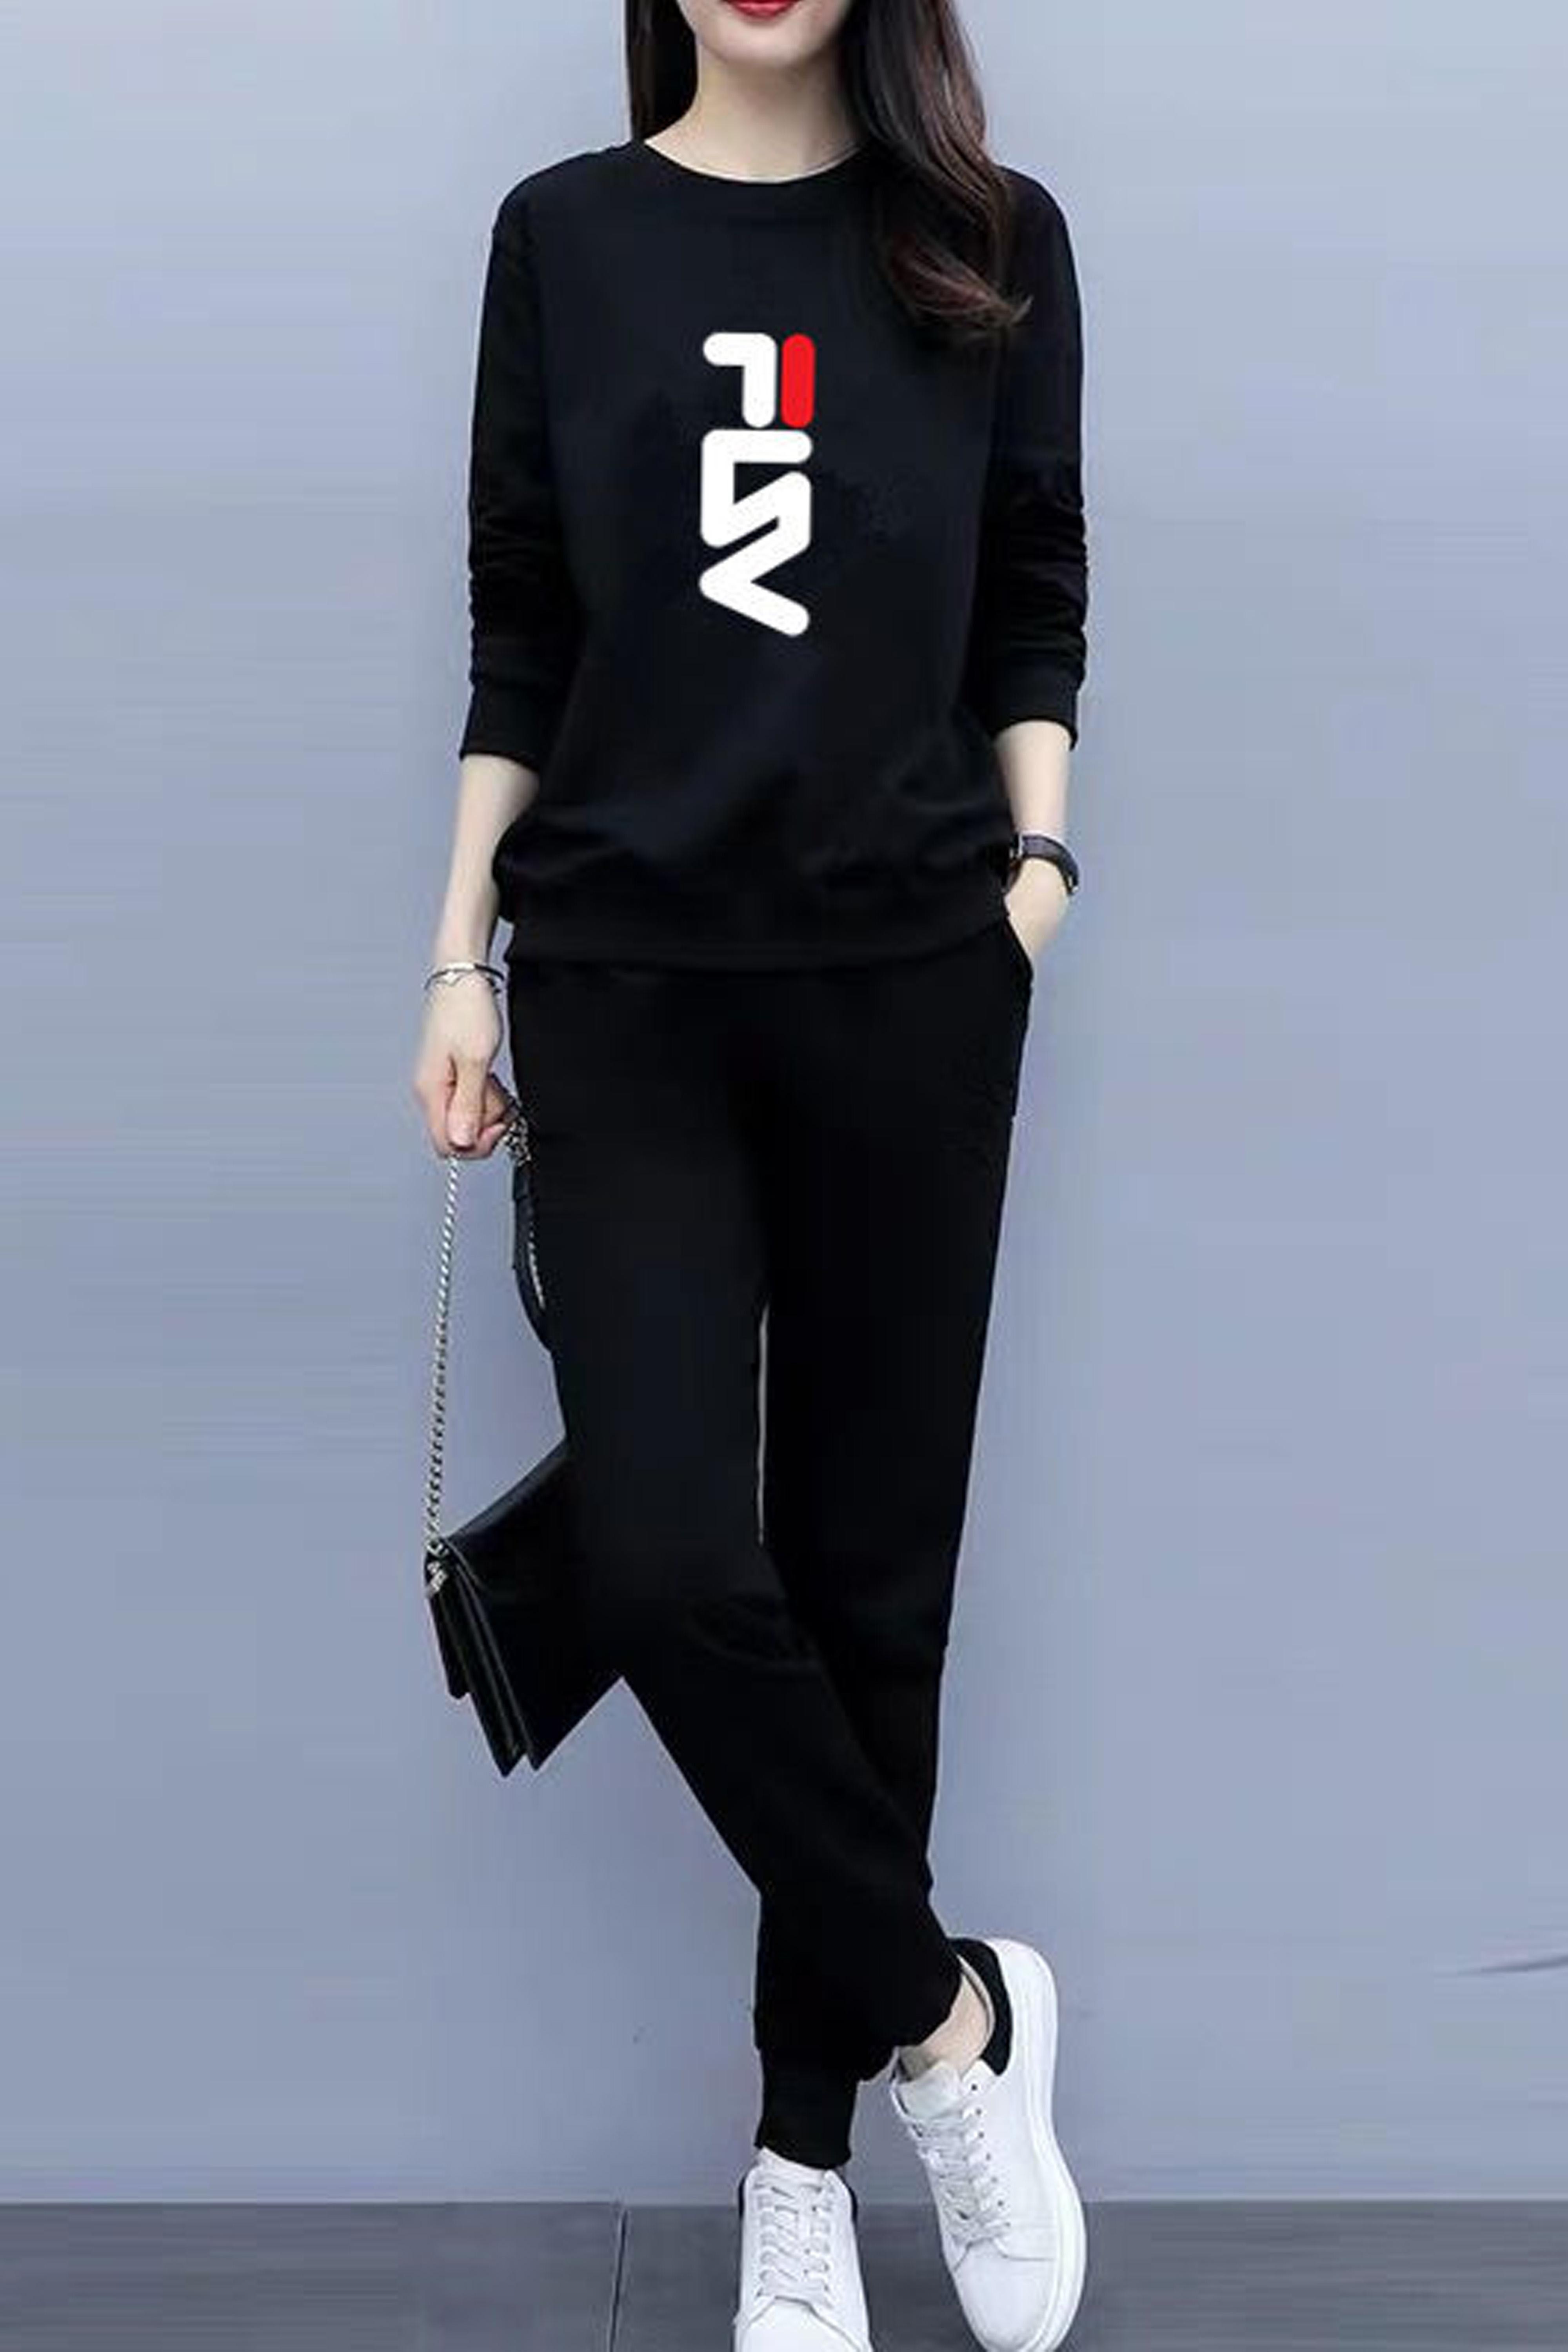 套装秋休闲运动女装2020新款宽松裤子卫衣长袖两件套